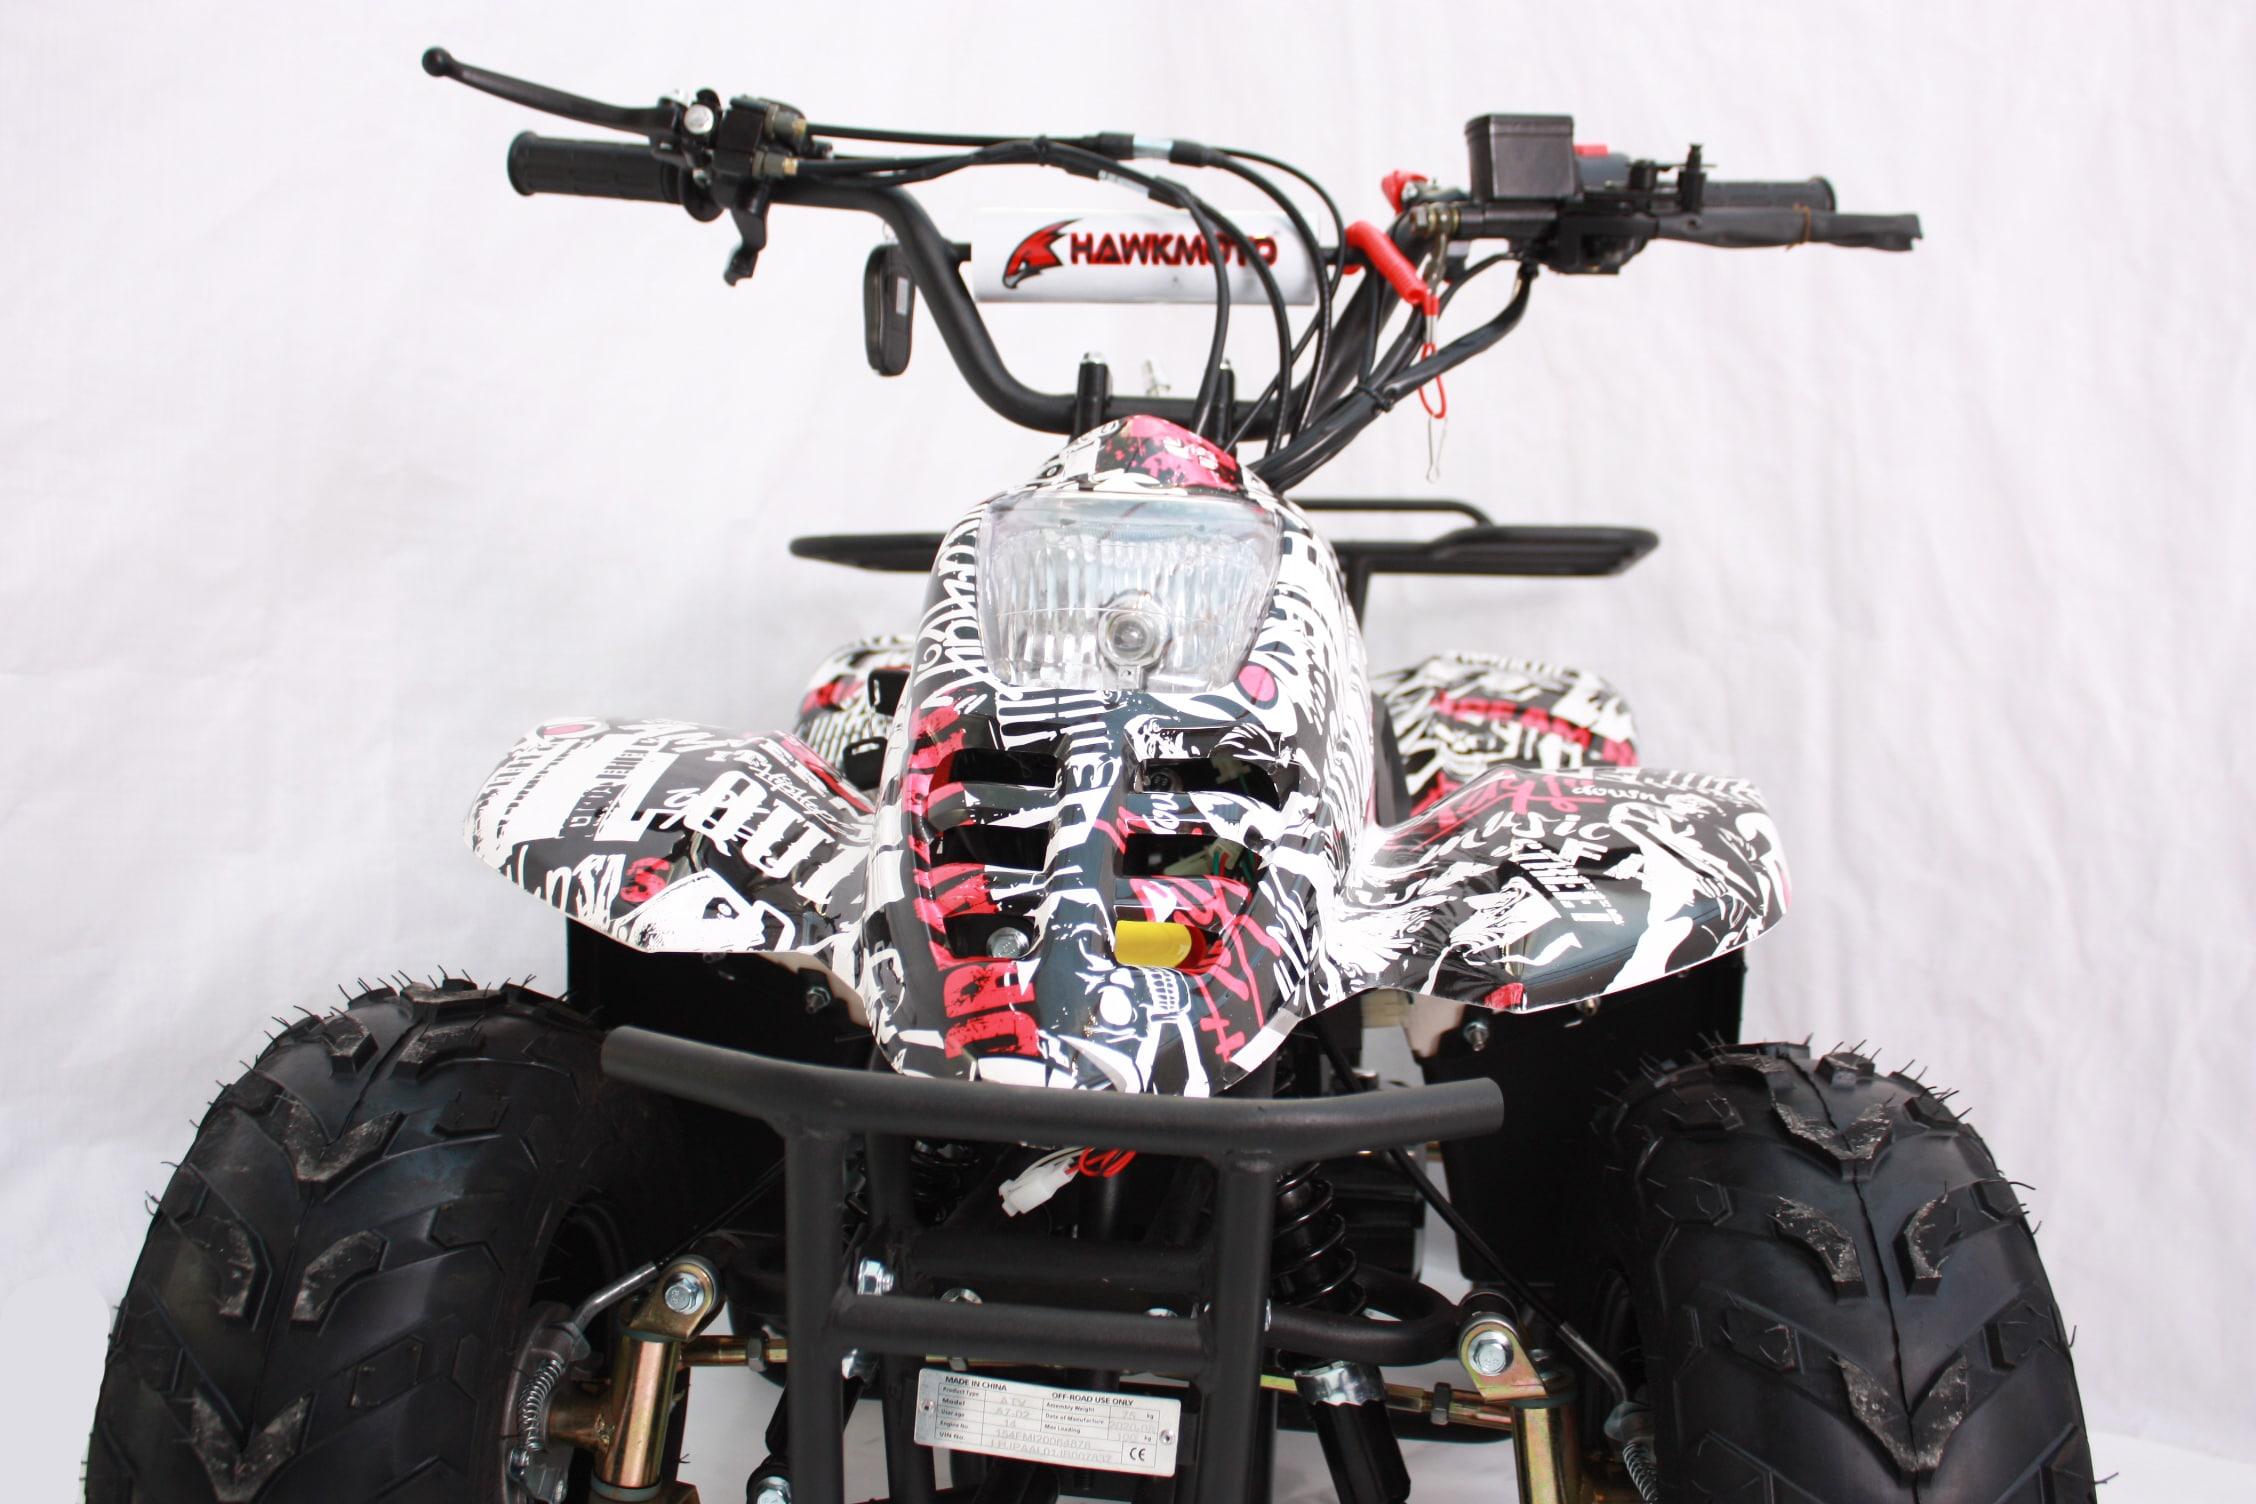 Hawkmoto Boulder 110cc Kids Quad – Zombie Edition